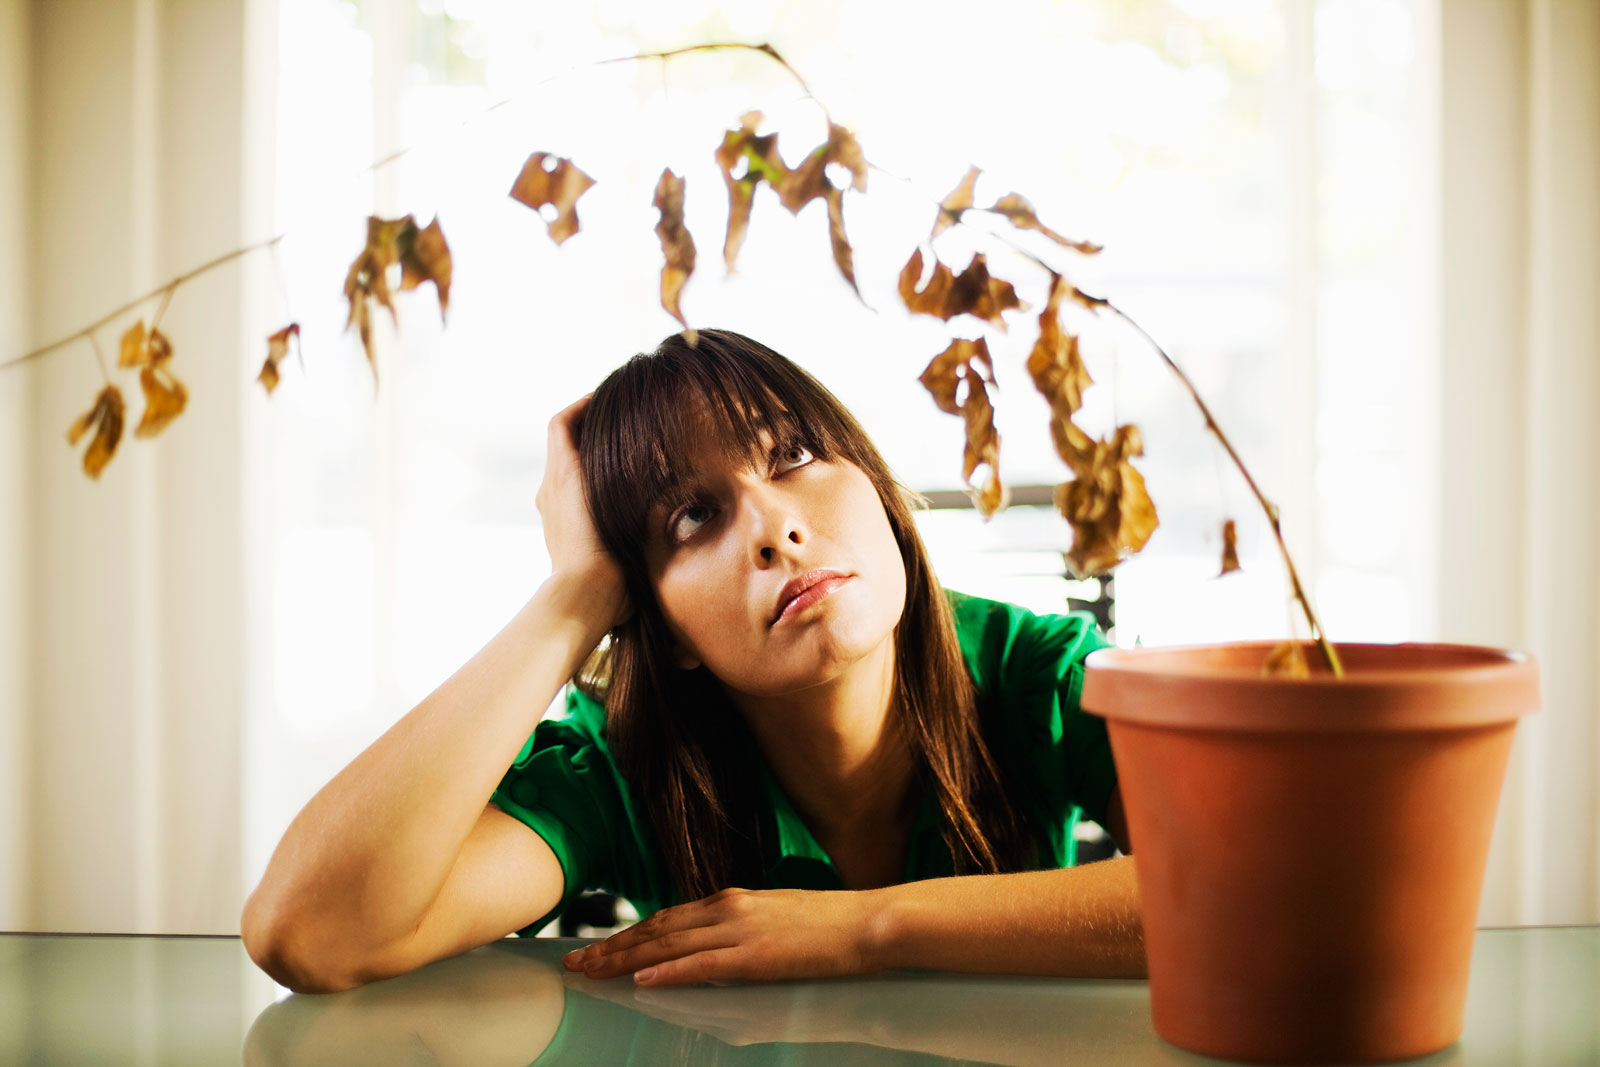 Ученые: как избавиться от депрессии без лекарств и психотерапии